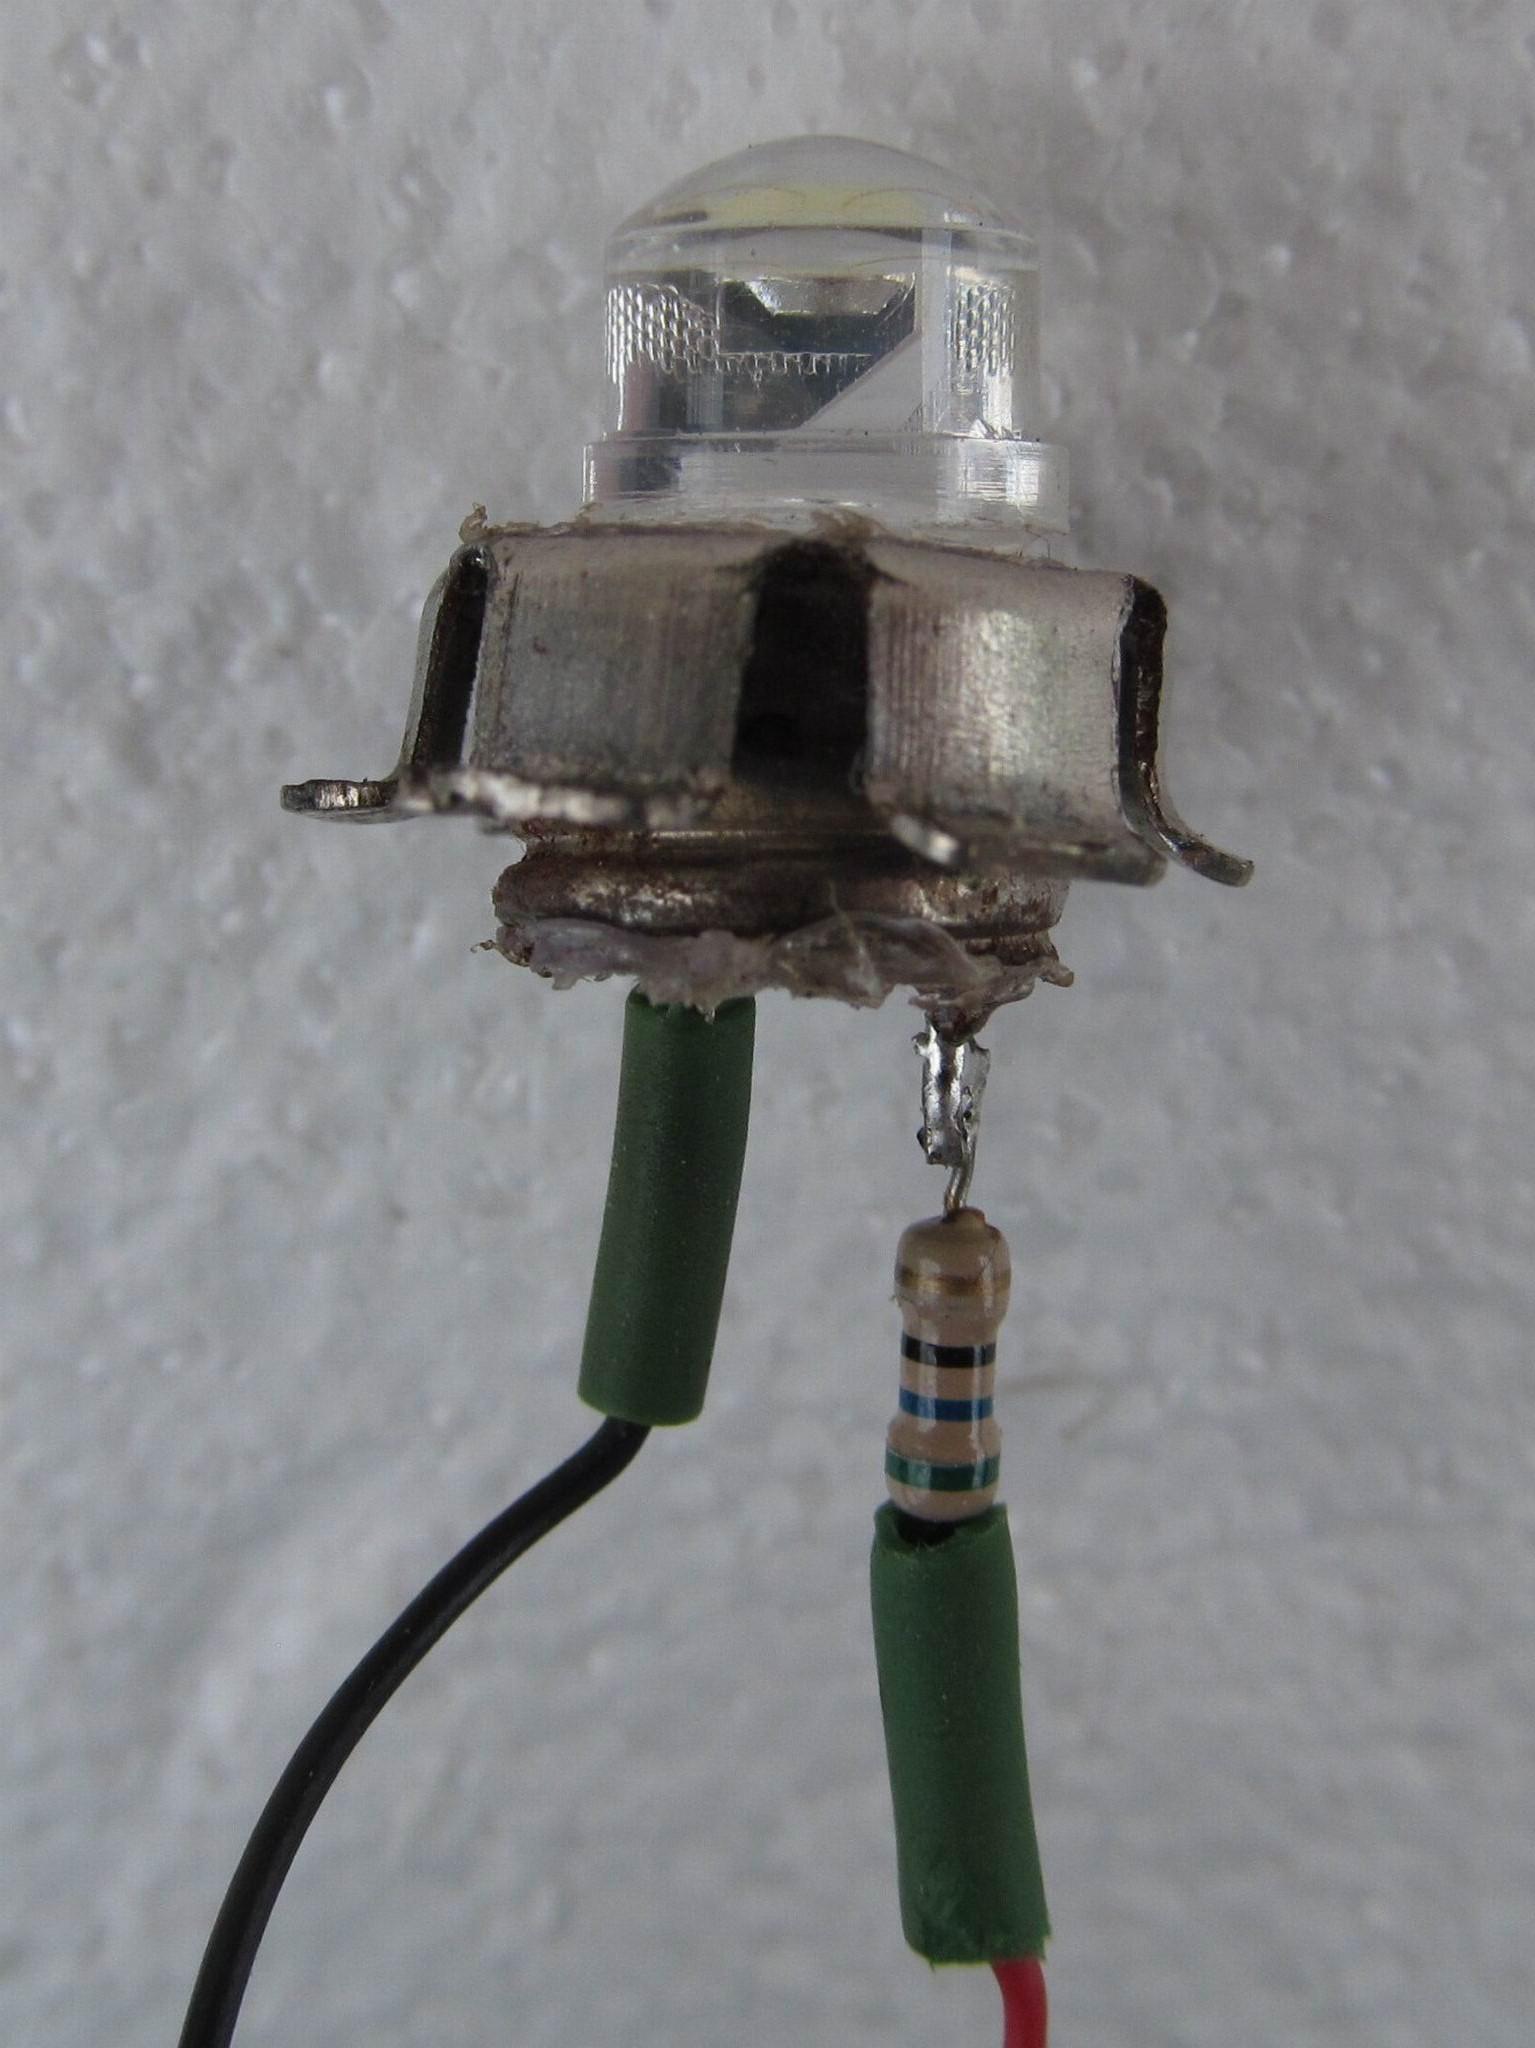 светодиод с резистором готовый к установке в отражатель